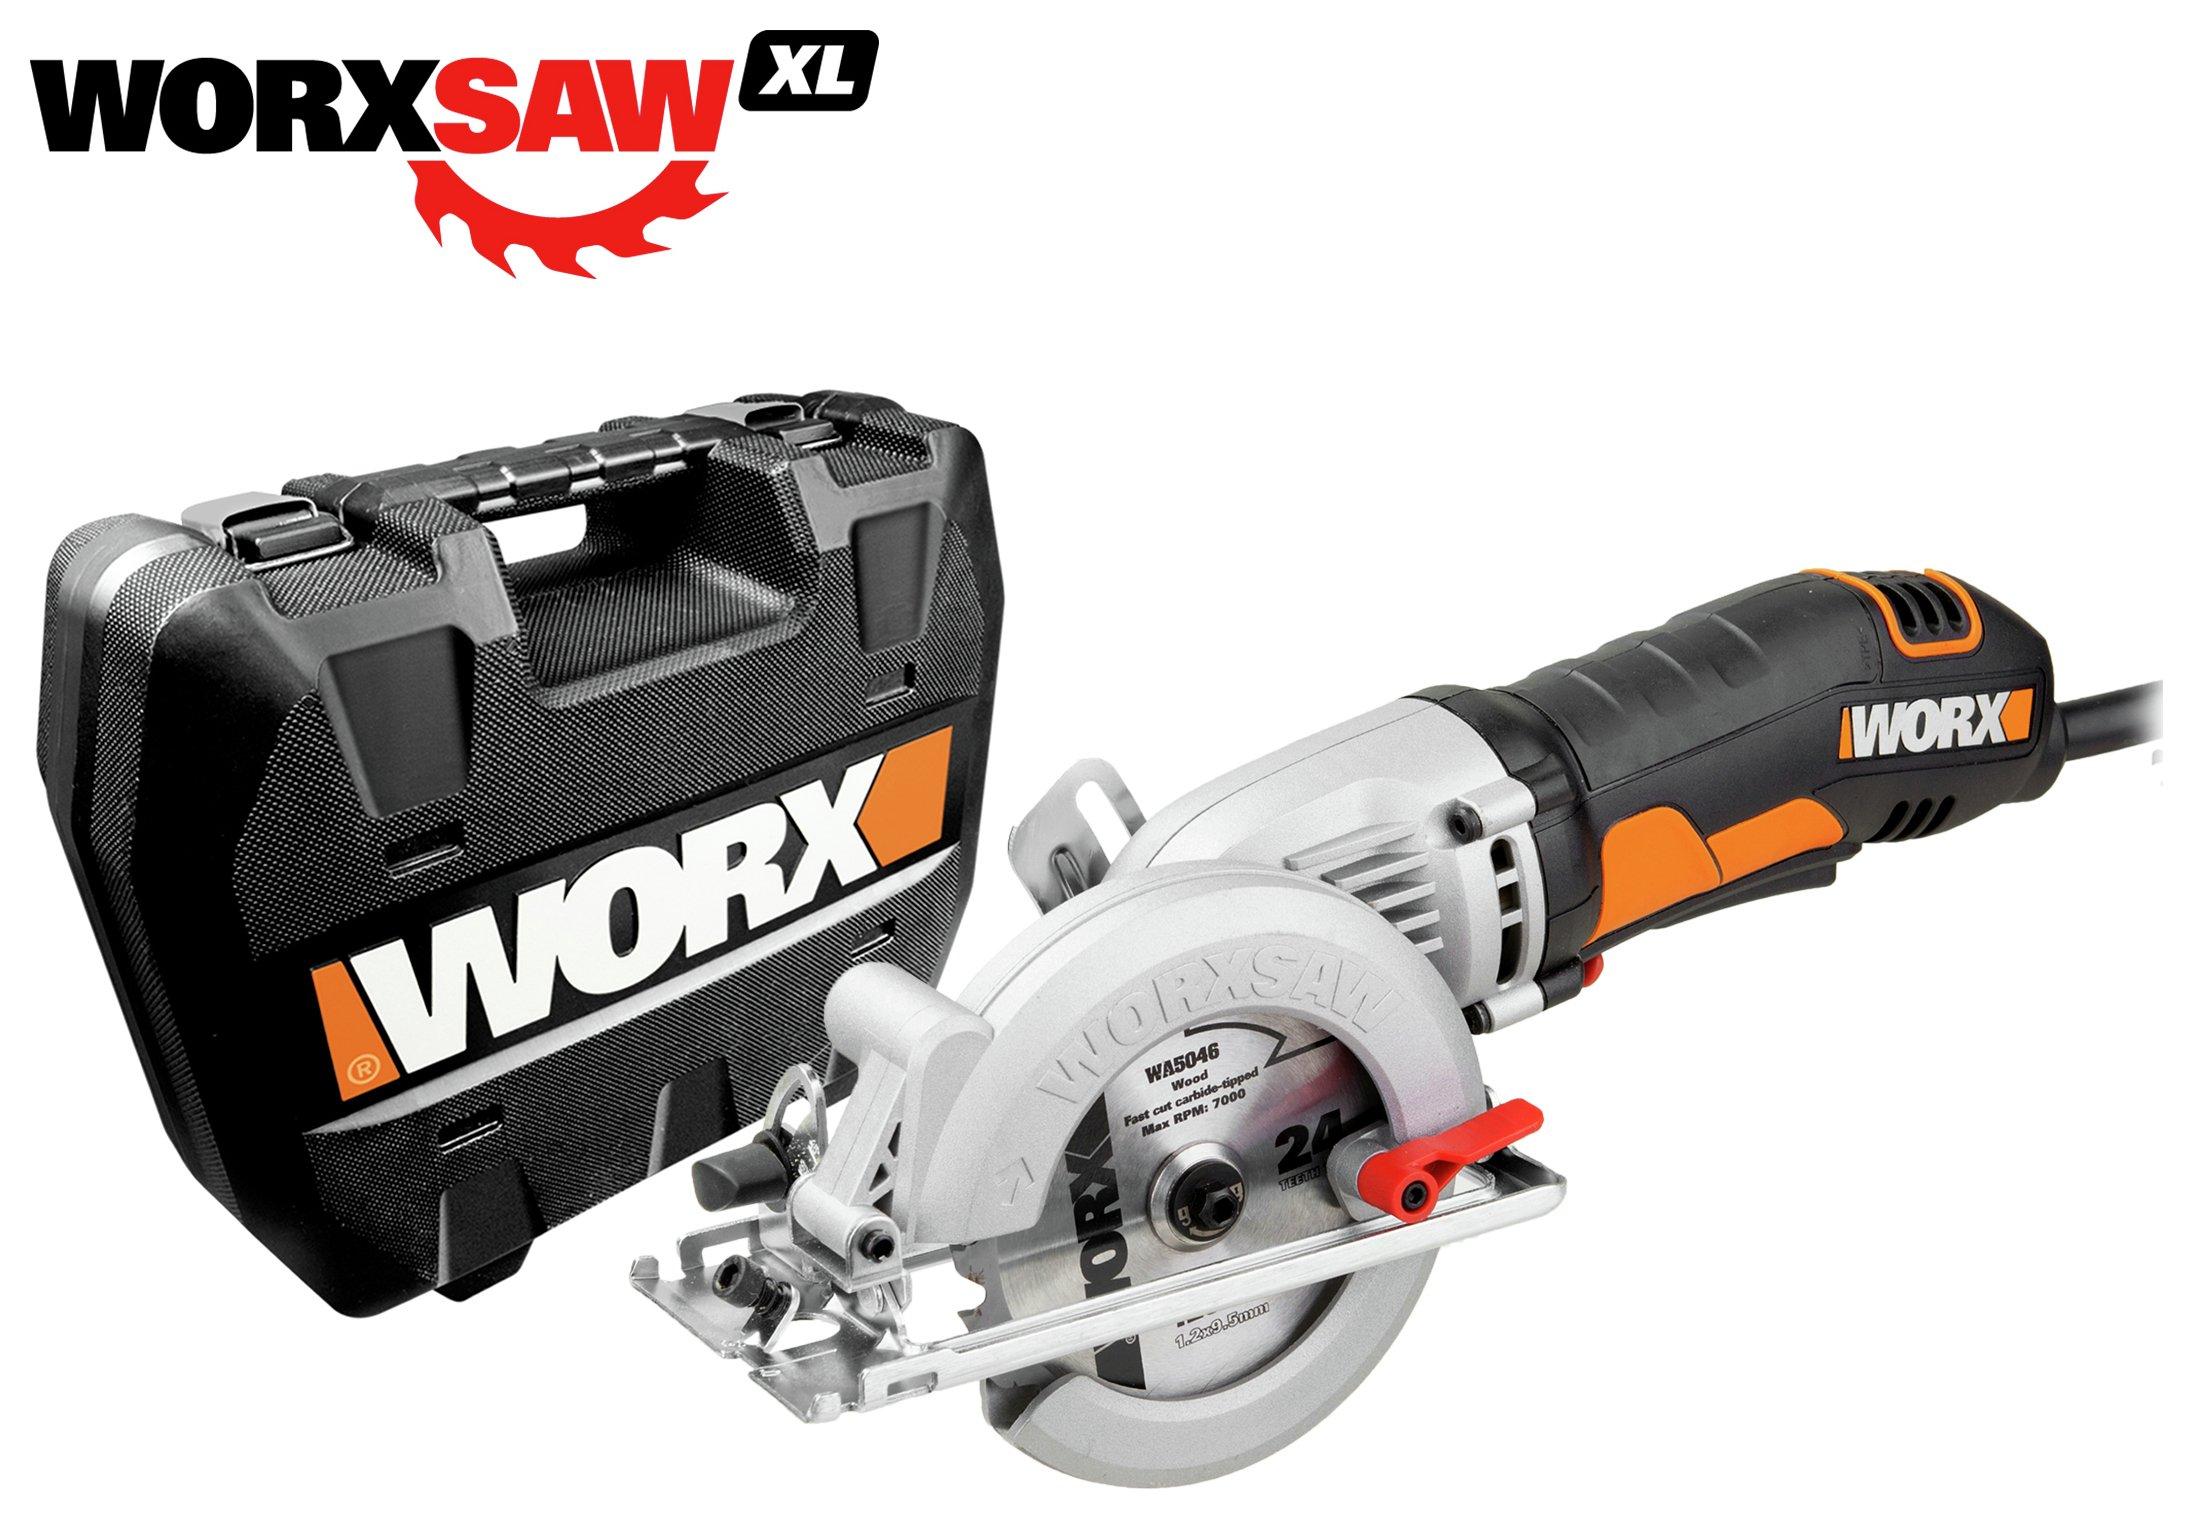 WORX Worxsaw WX429.2 400W Compact Circular Saw